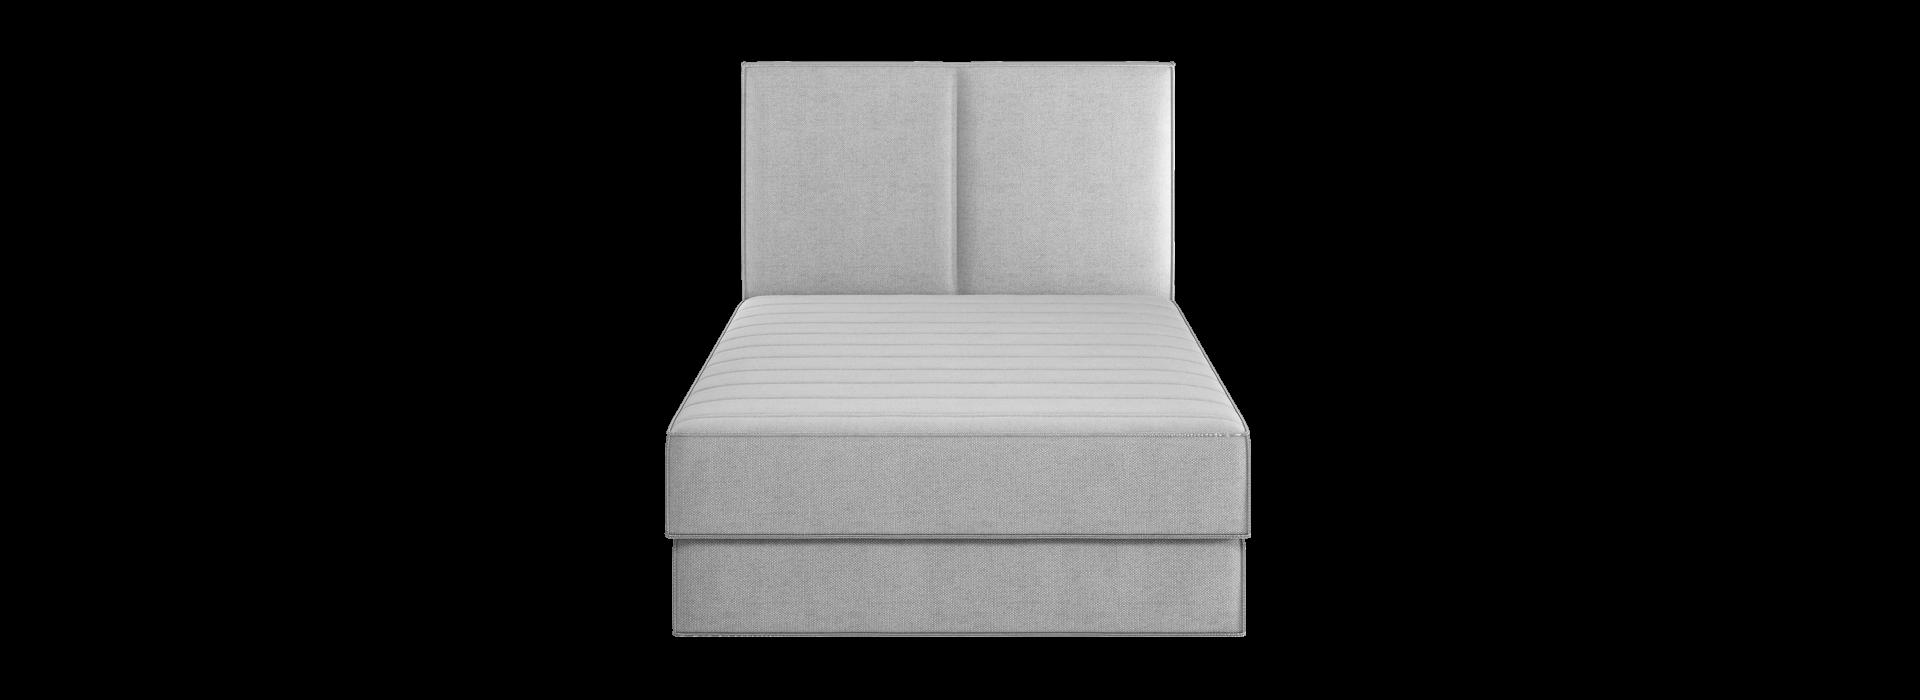 Фрея 1.2 ліжко з підйомником - маска 7